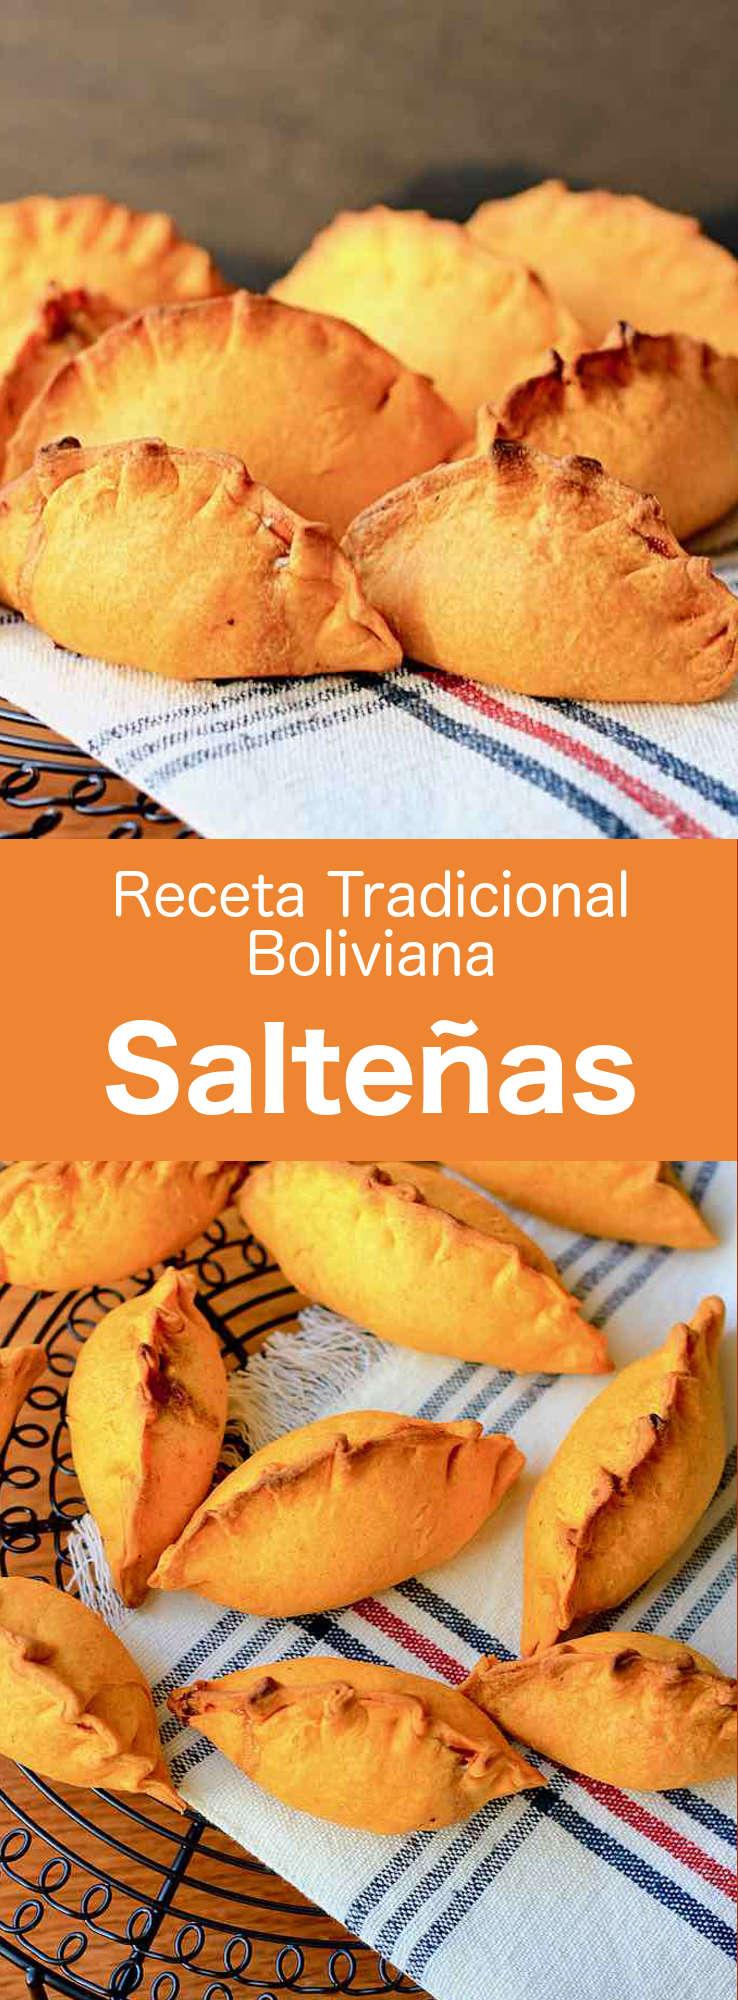 Las salteñas son la versión boliviana de las empanadas, unos pequeños pasteles rellenos de carne, caldo de gelatina, huevo duro y especias.